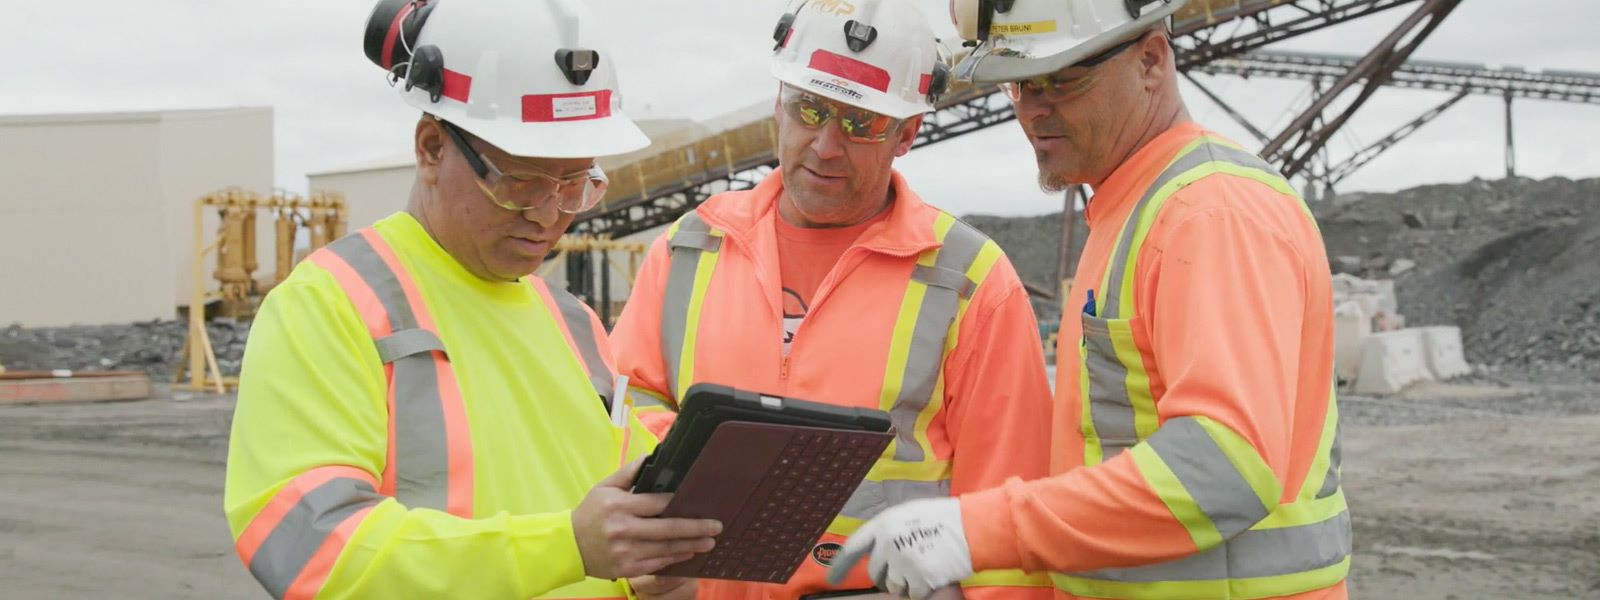 Trois employés de construction regardant une Surface Go sur un site professionnel